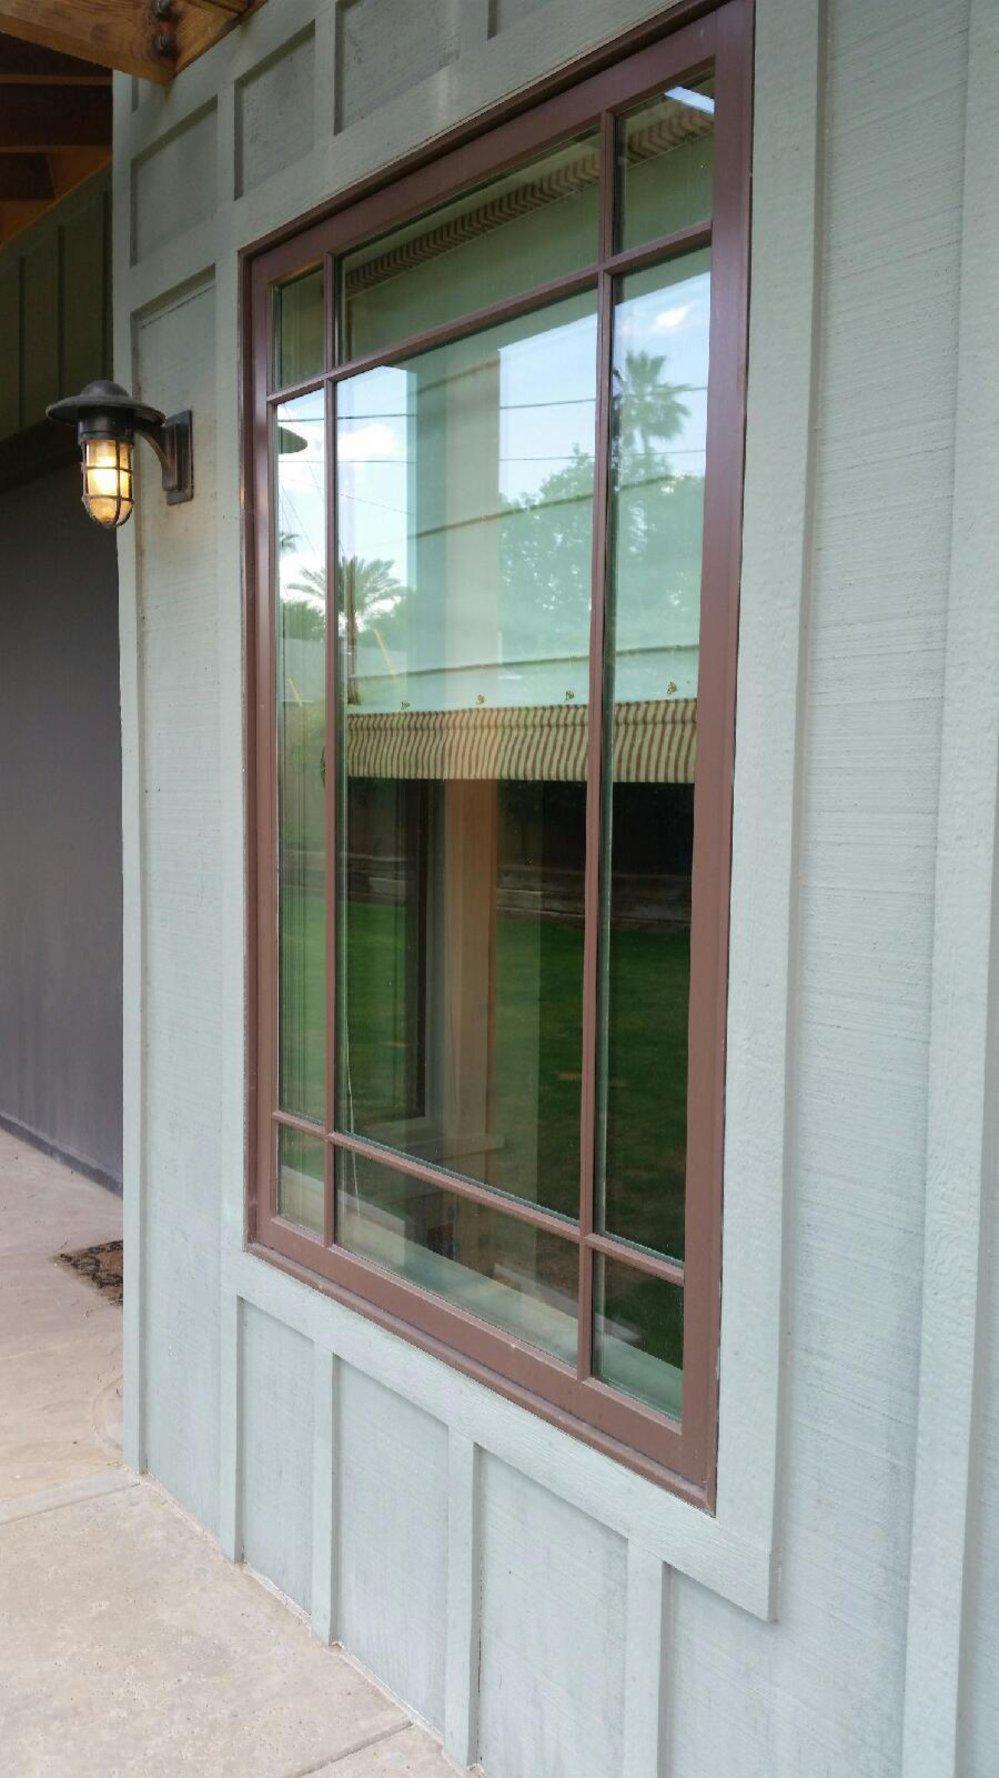 Arizona Window Washers cover